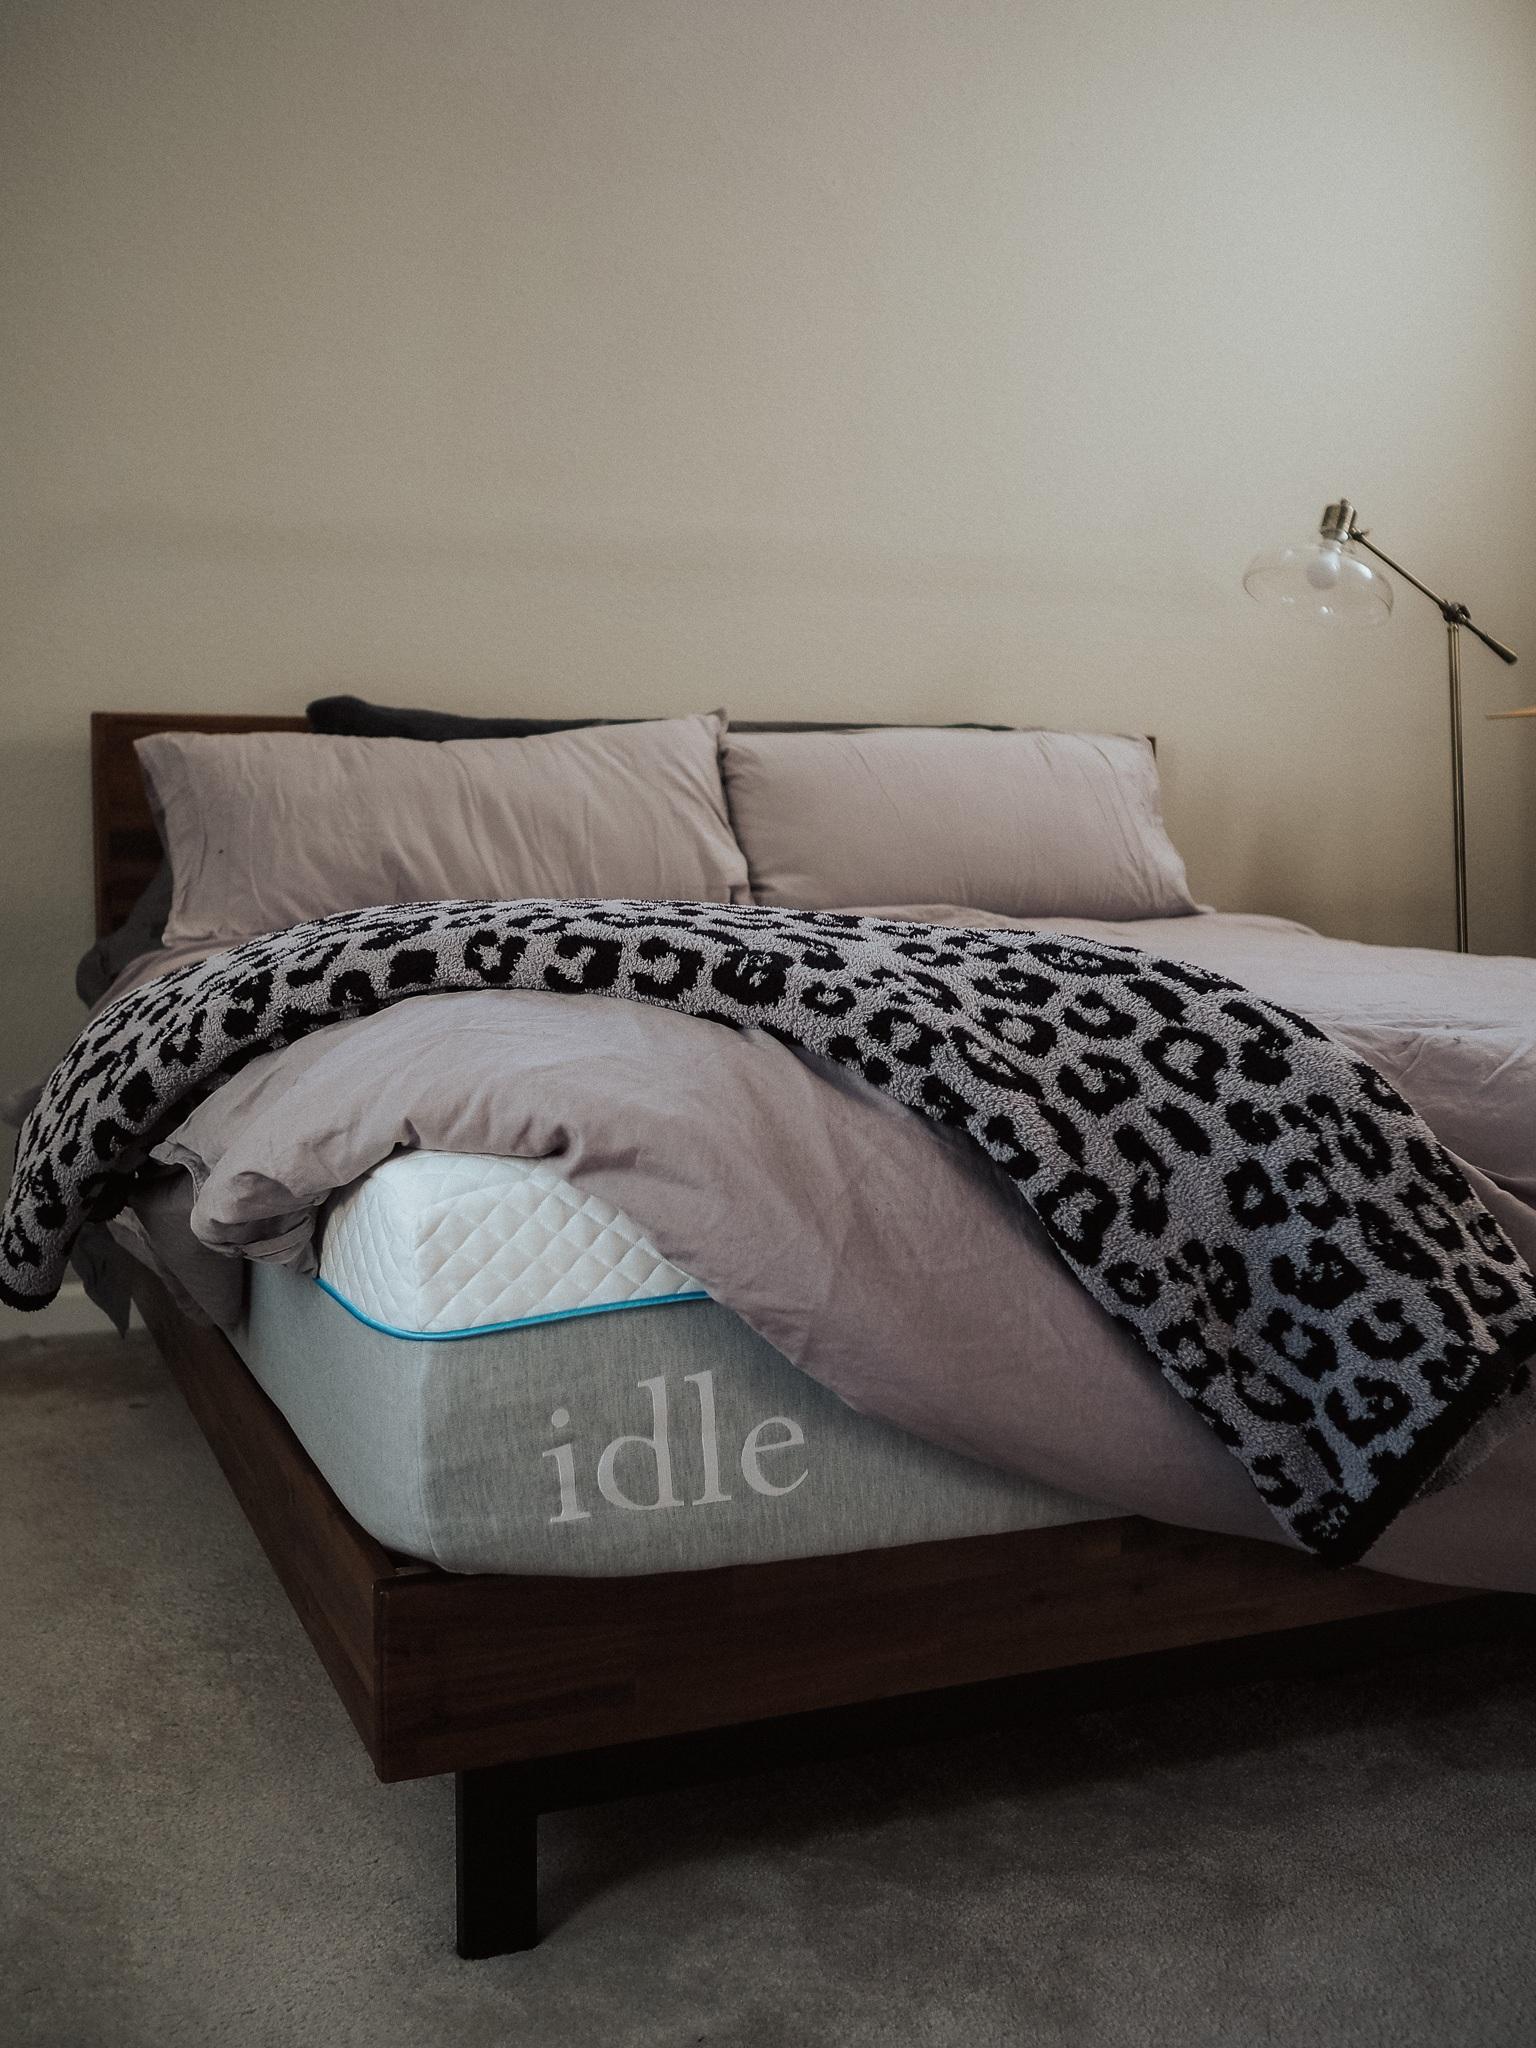 idle-sleep-review